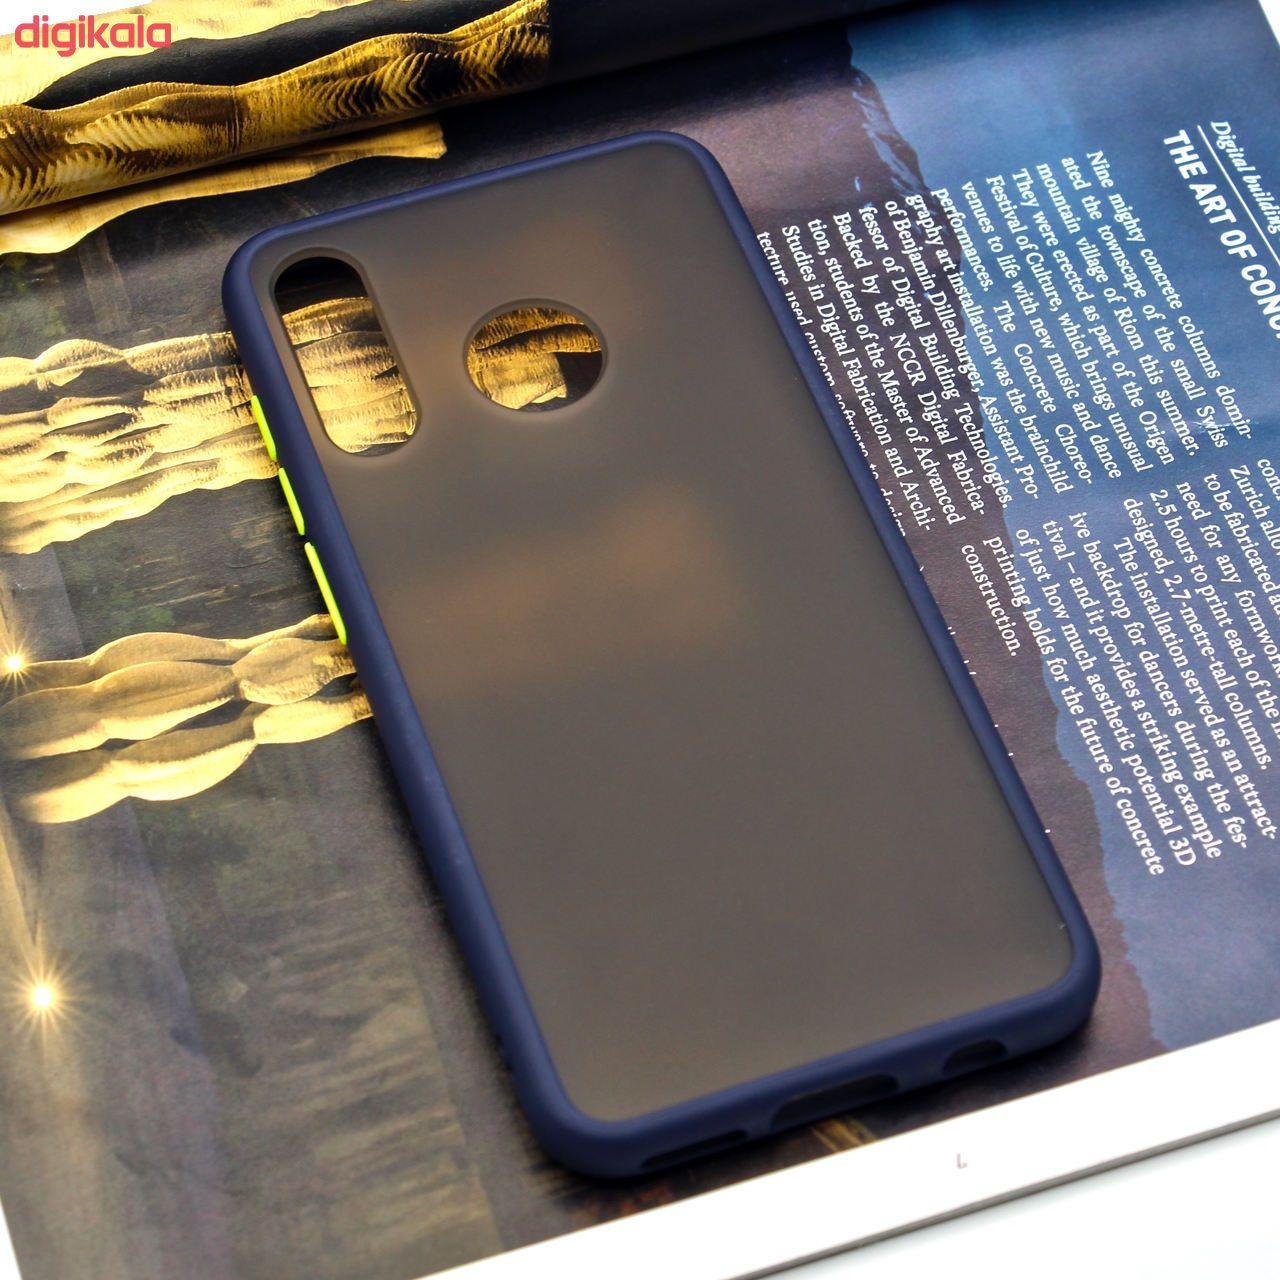 کاور  مدل po68768  مناسب برای گوشی موبایل هوآوی Y9 Prime 2019 main 1 5